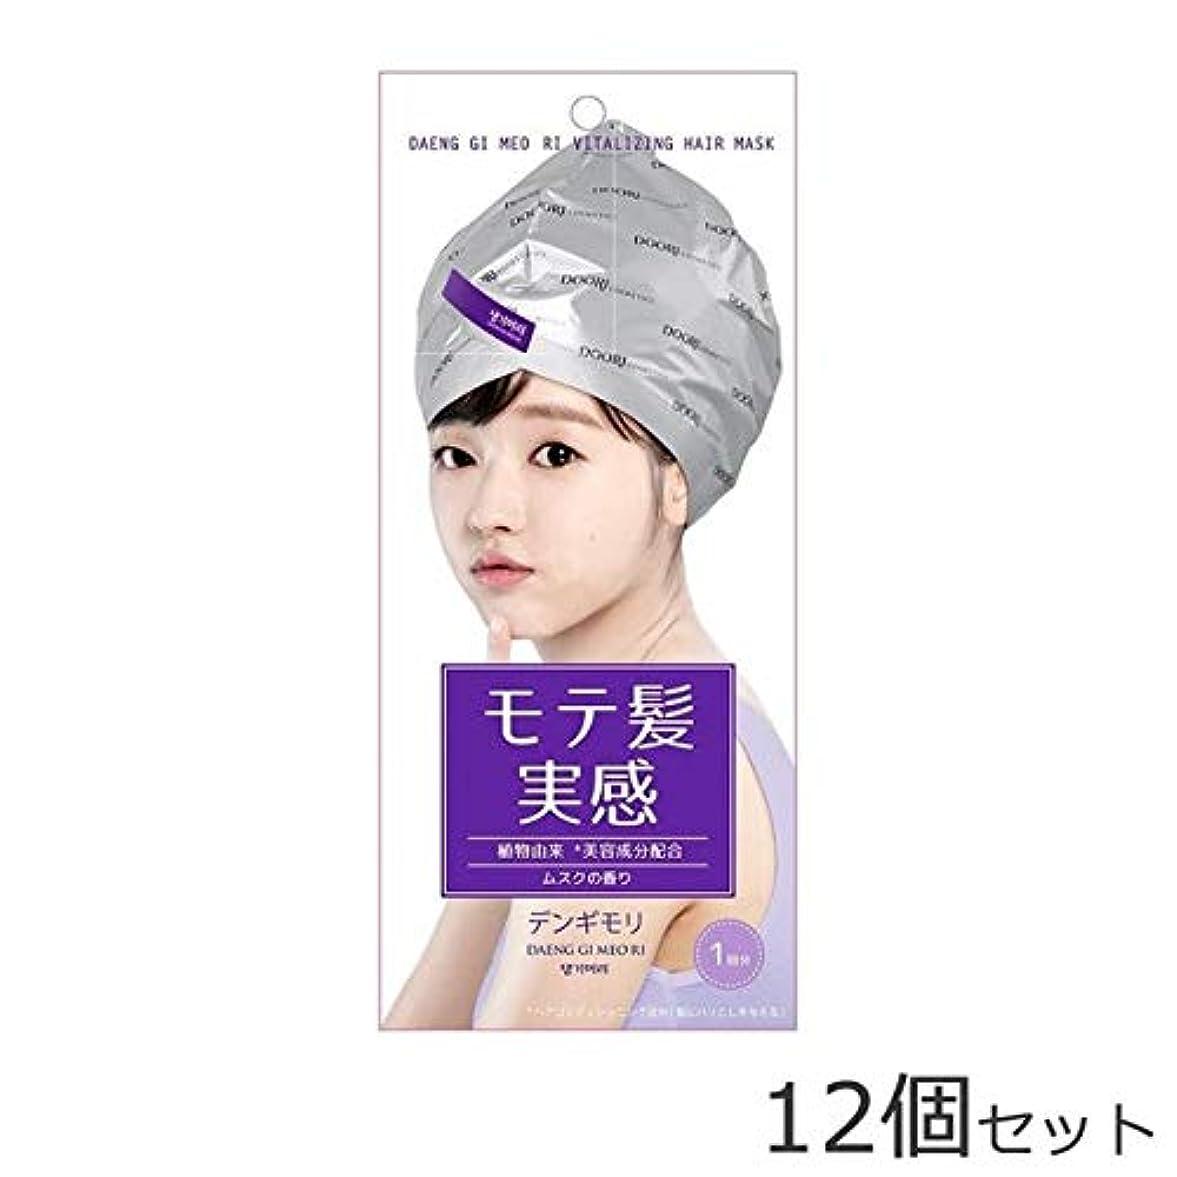 同一の勇敢なライムデンギモリ 珍気 集中ヘアマスク(洗い流すヘアトリートメント) 12個セット (マスクで簡単にサロンケア)